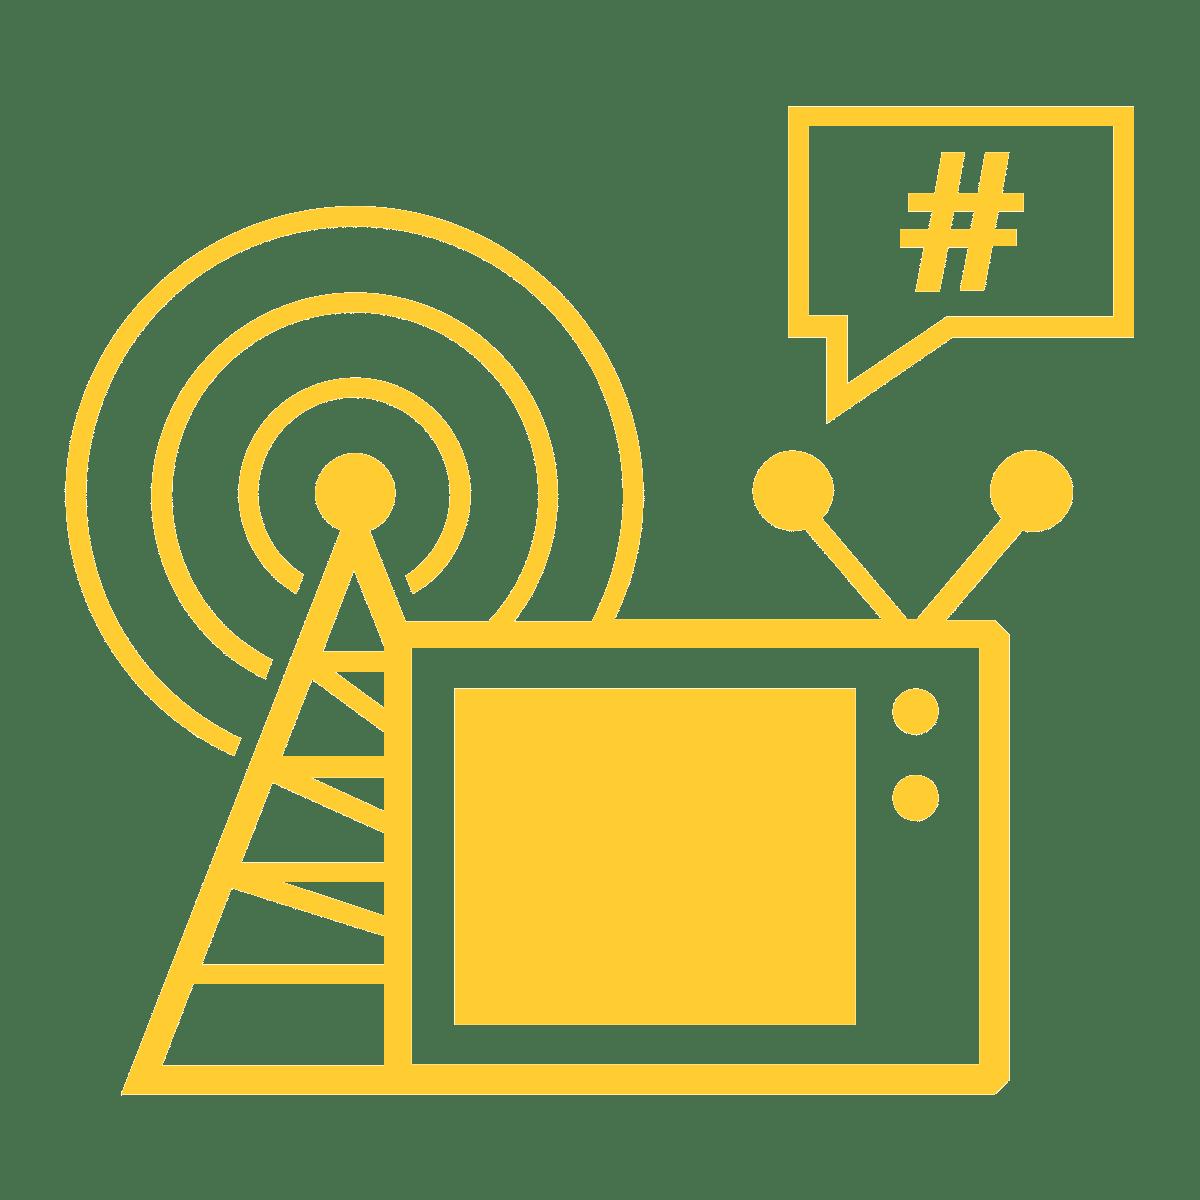 PR pers crisiscommunicatie